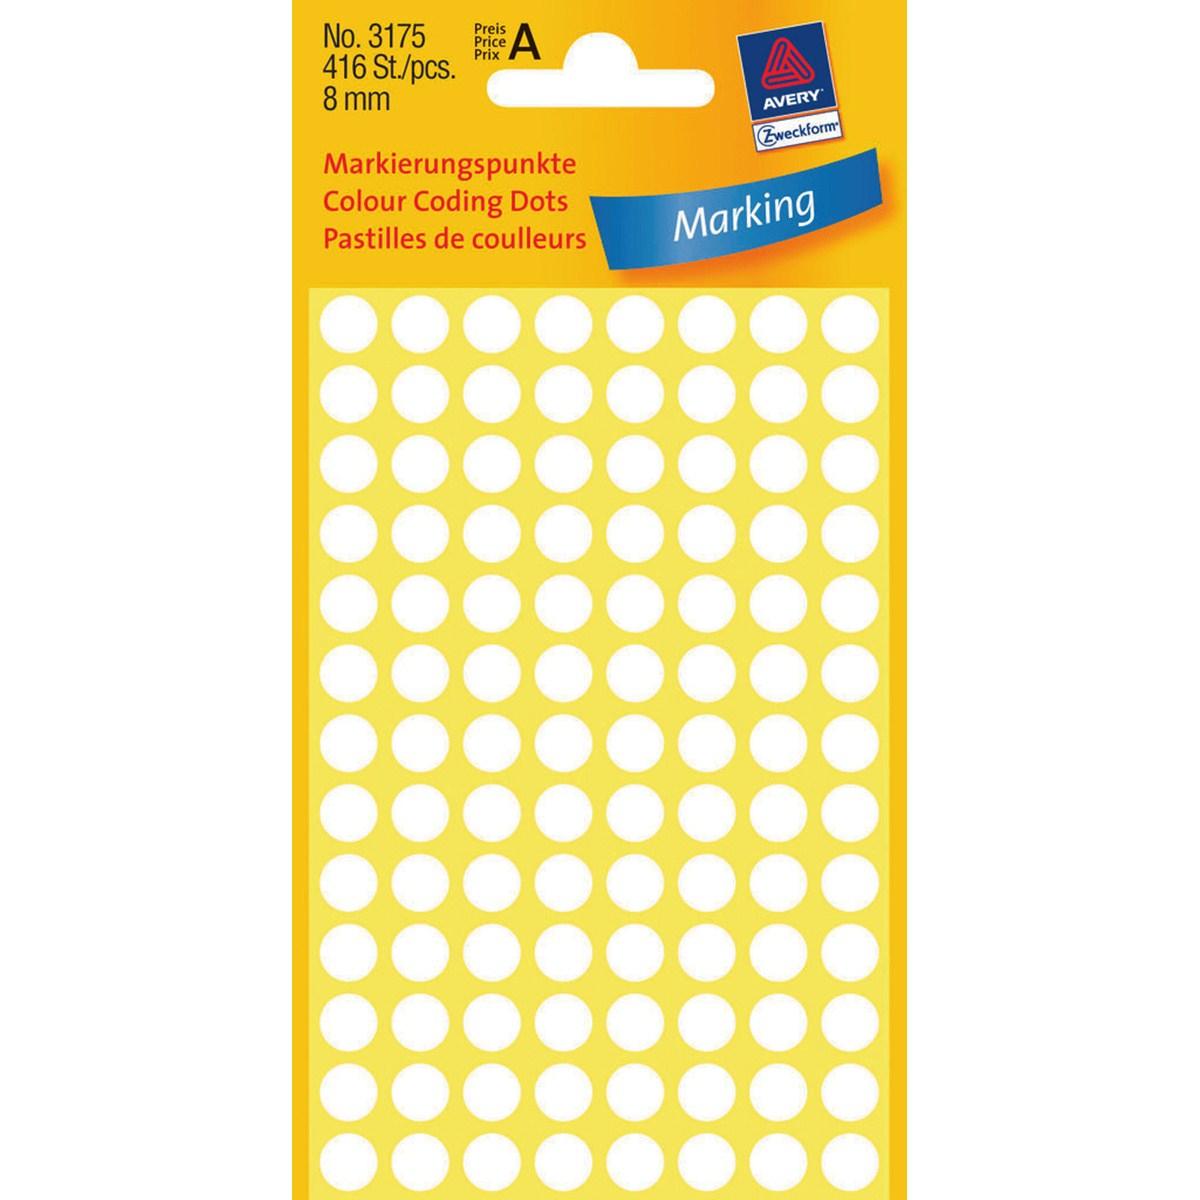 Avery Zweckform Markierungspunkte - weiß - permanent selbstklebendes Etikett